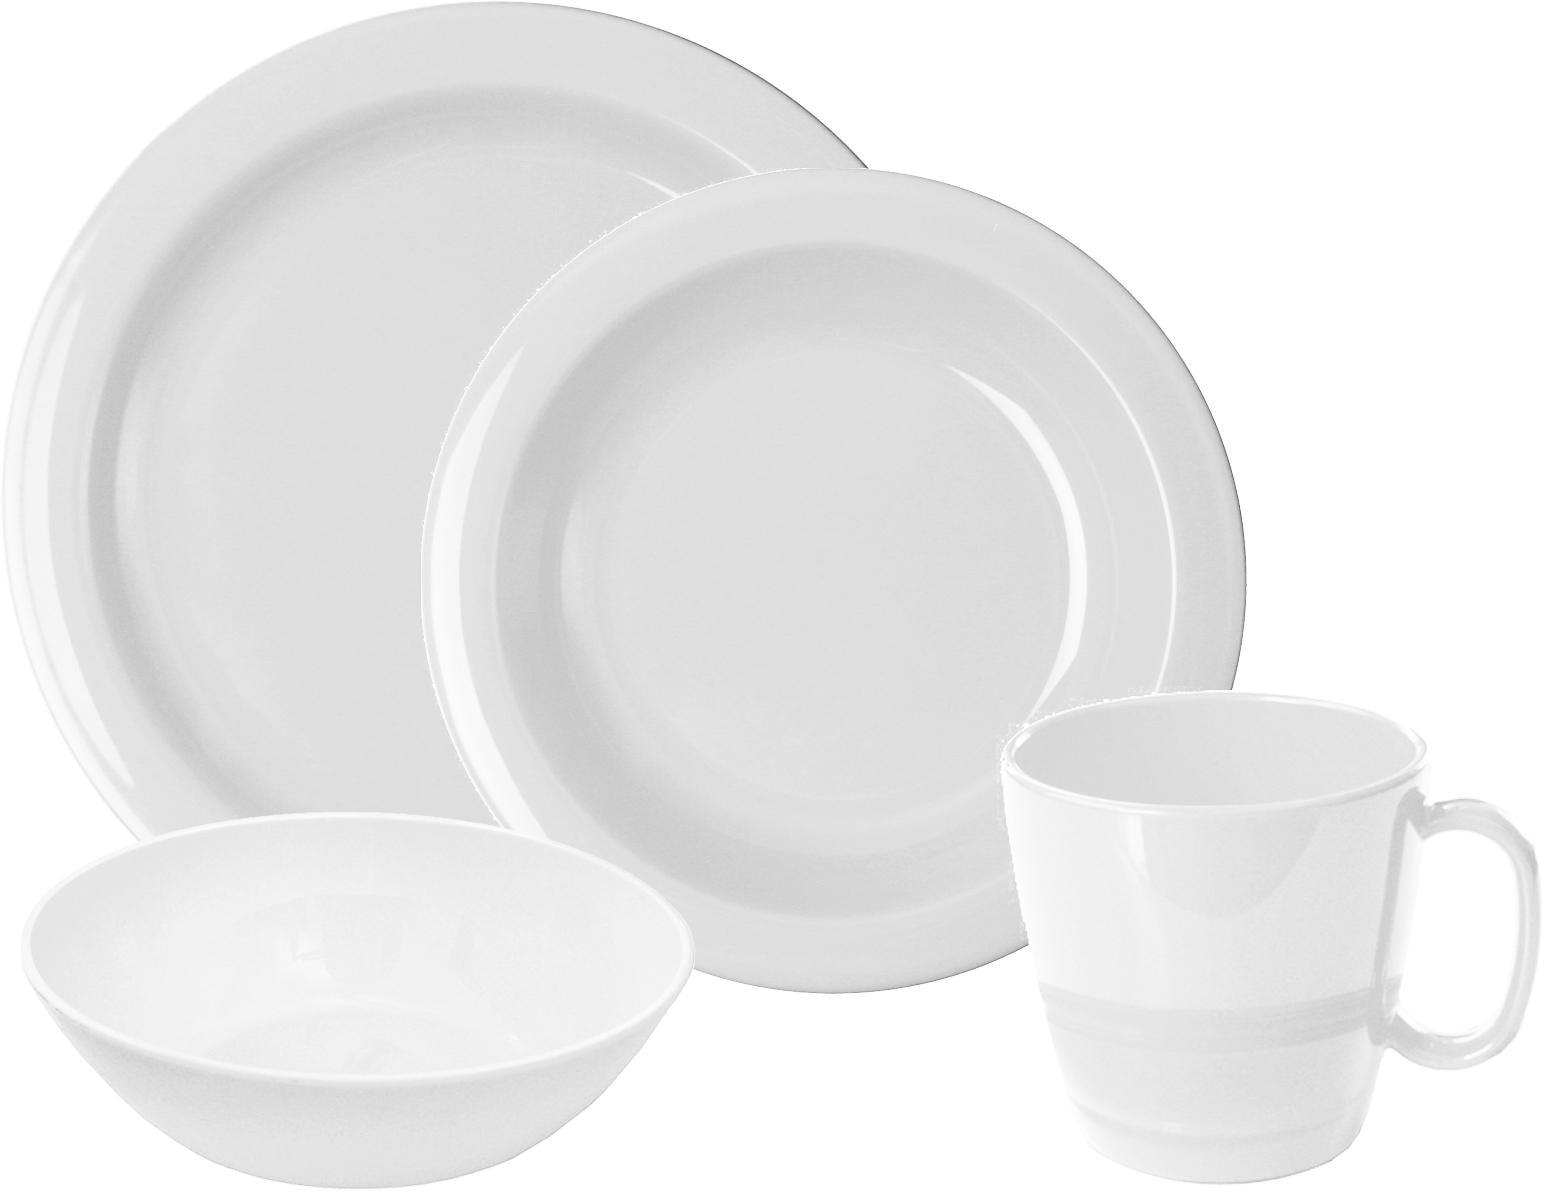 WACA Frühstücks-Set, (Set, 8 tlg.) weiß Frühstücksset Eierbecher Geschirr, Porzellan Tischaccessoires Haushaltswaren Frühstücks-Set